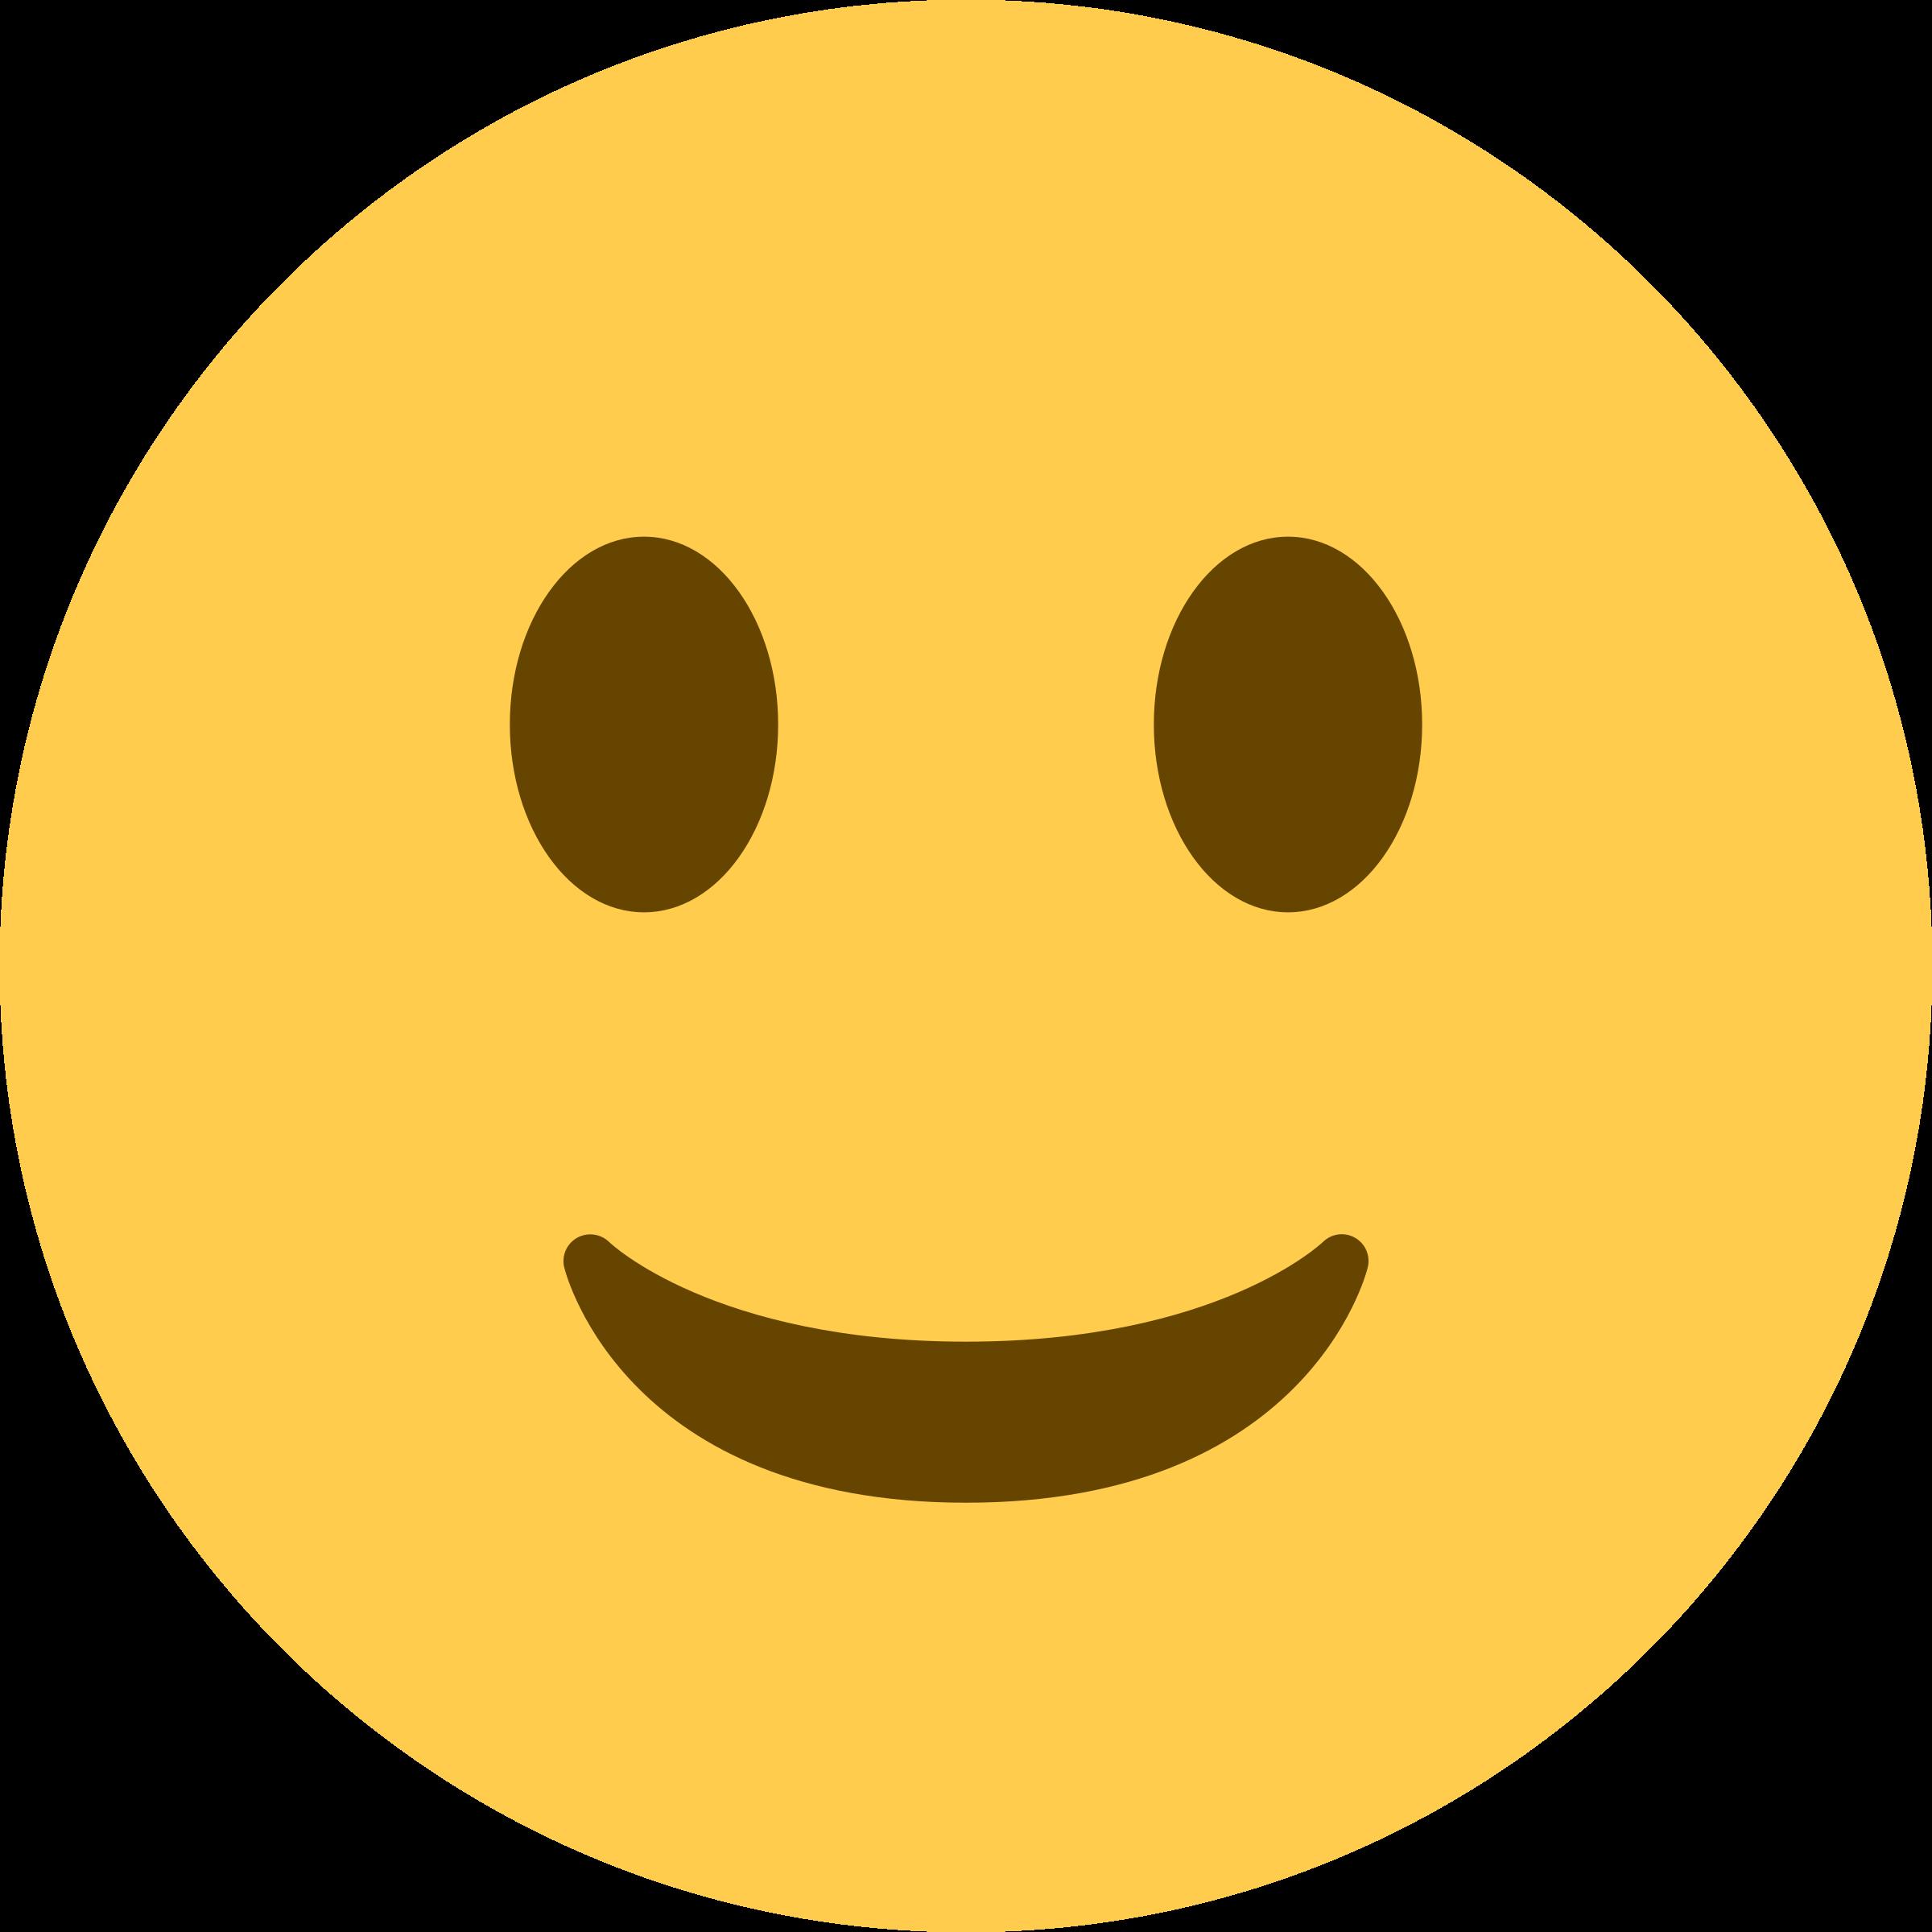 Emoticon Logo Png Smiley Face Emoji.